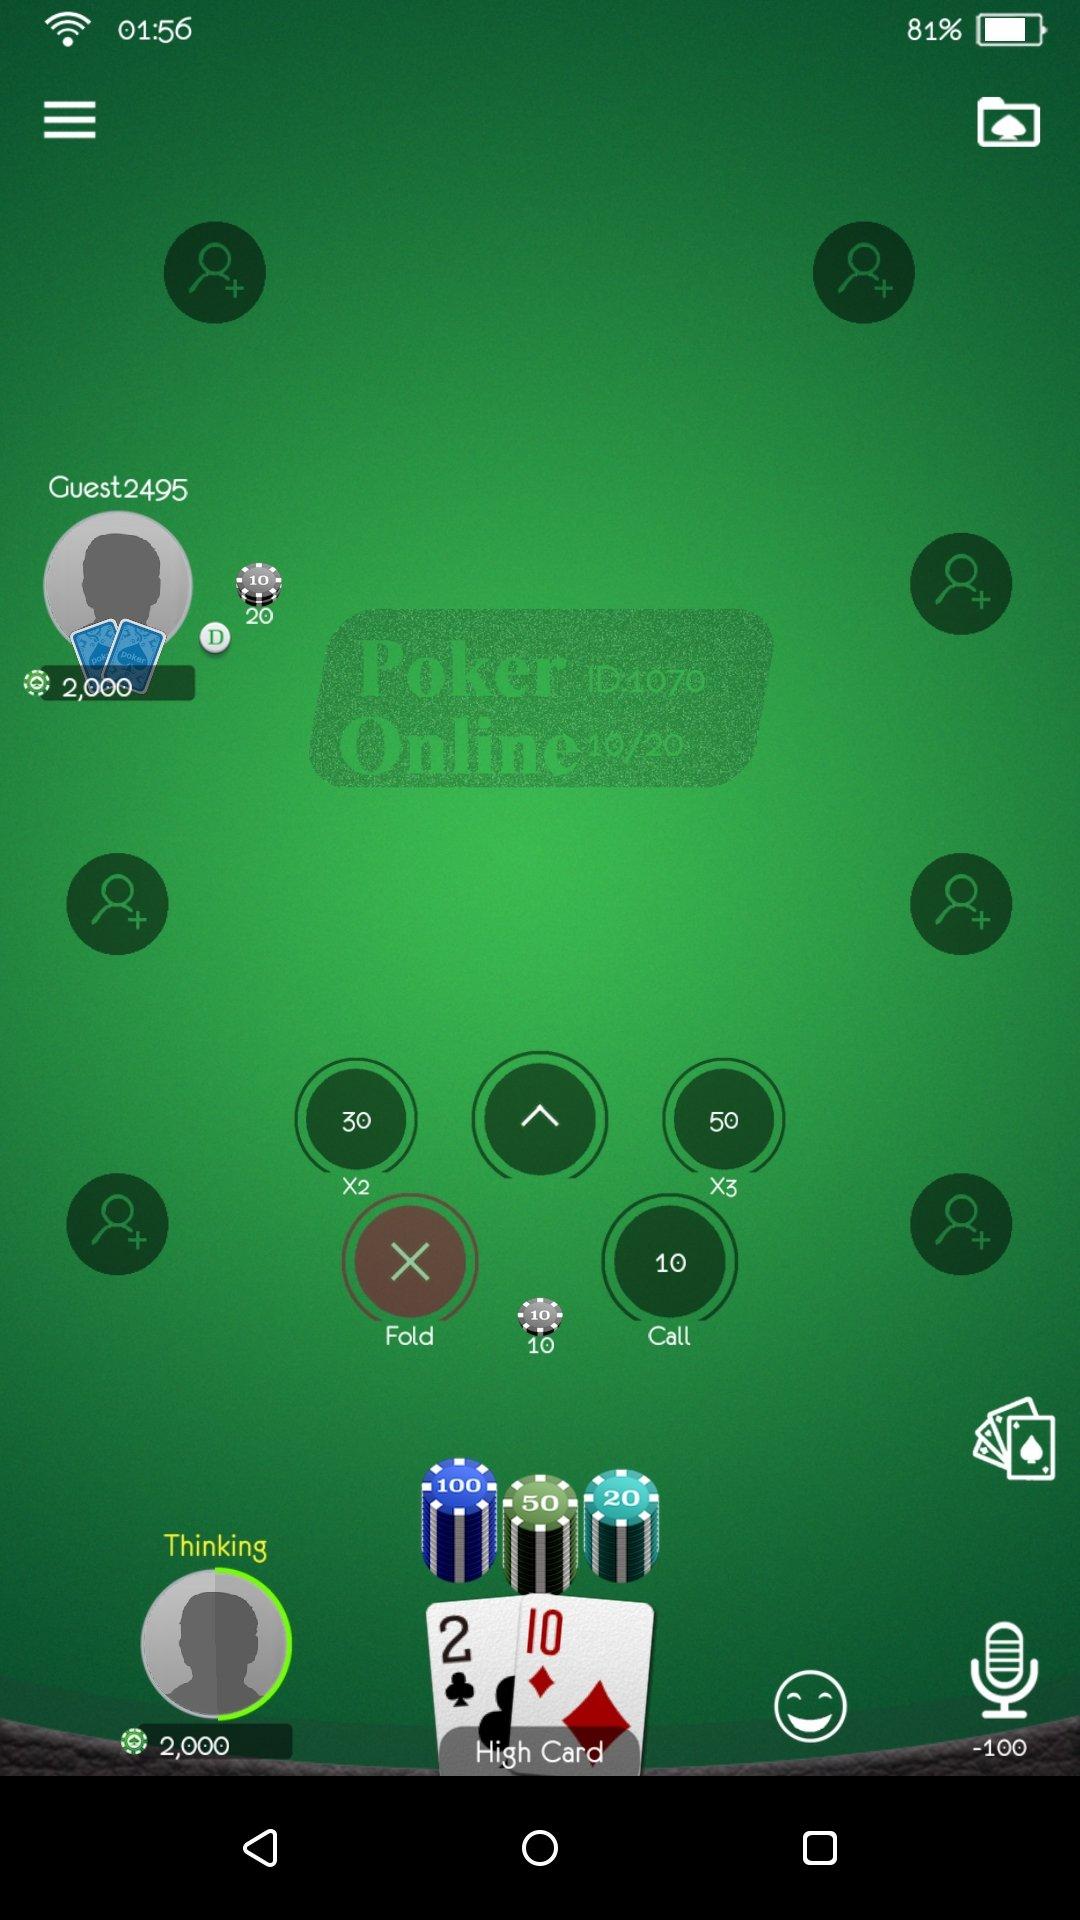 Скачать покер не онлайн для андроида бесплатно скачать игровые автоматы апк бесплатно